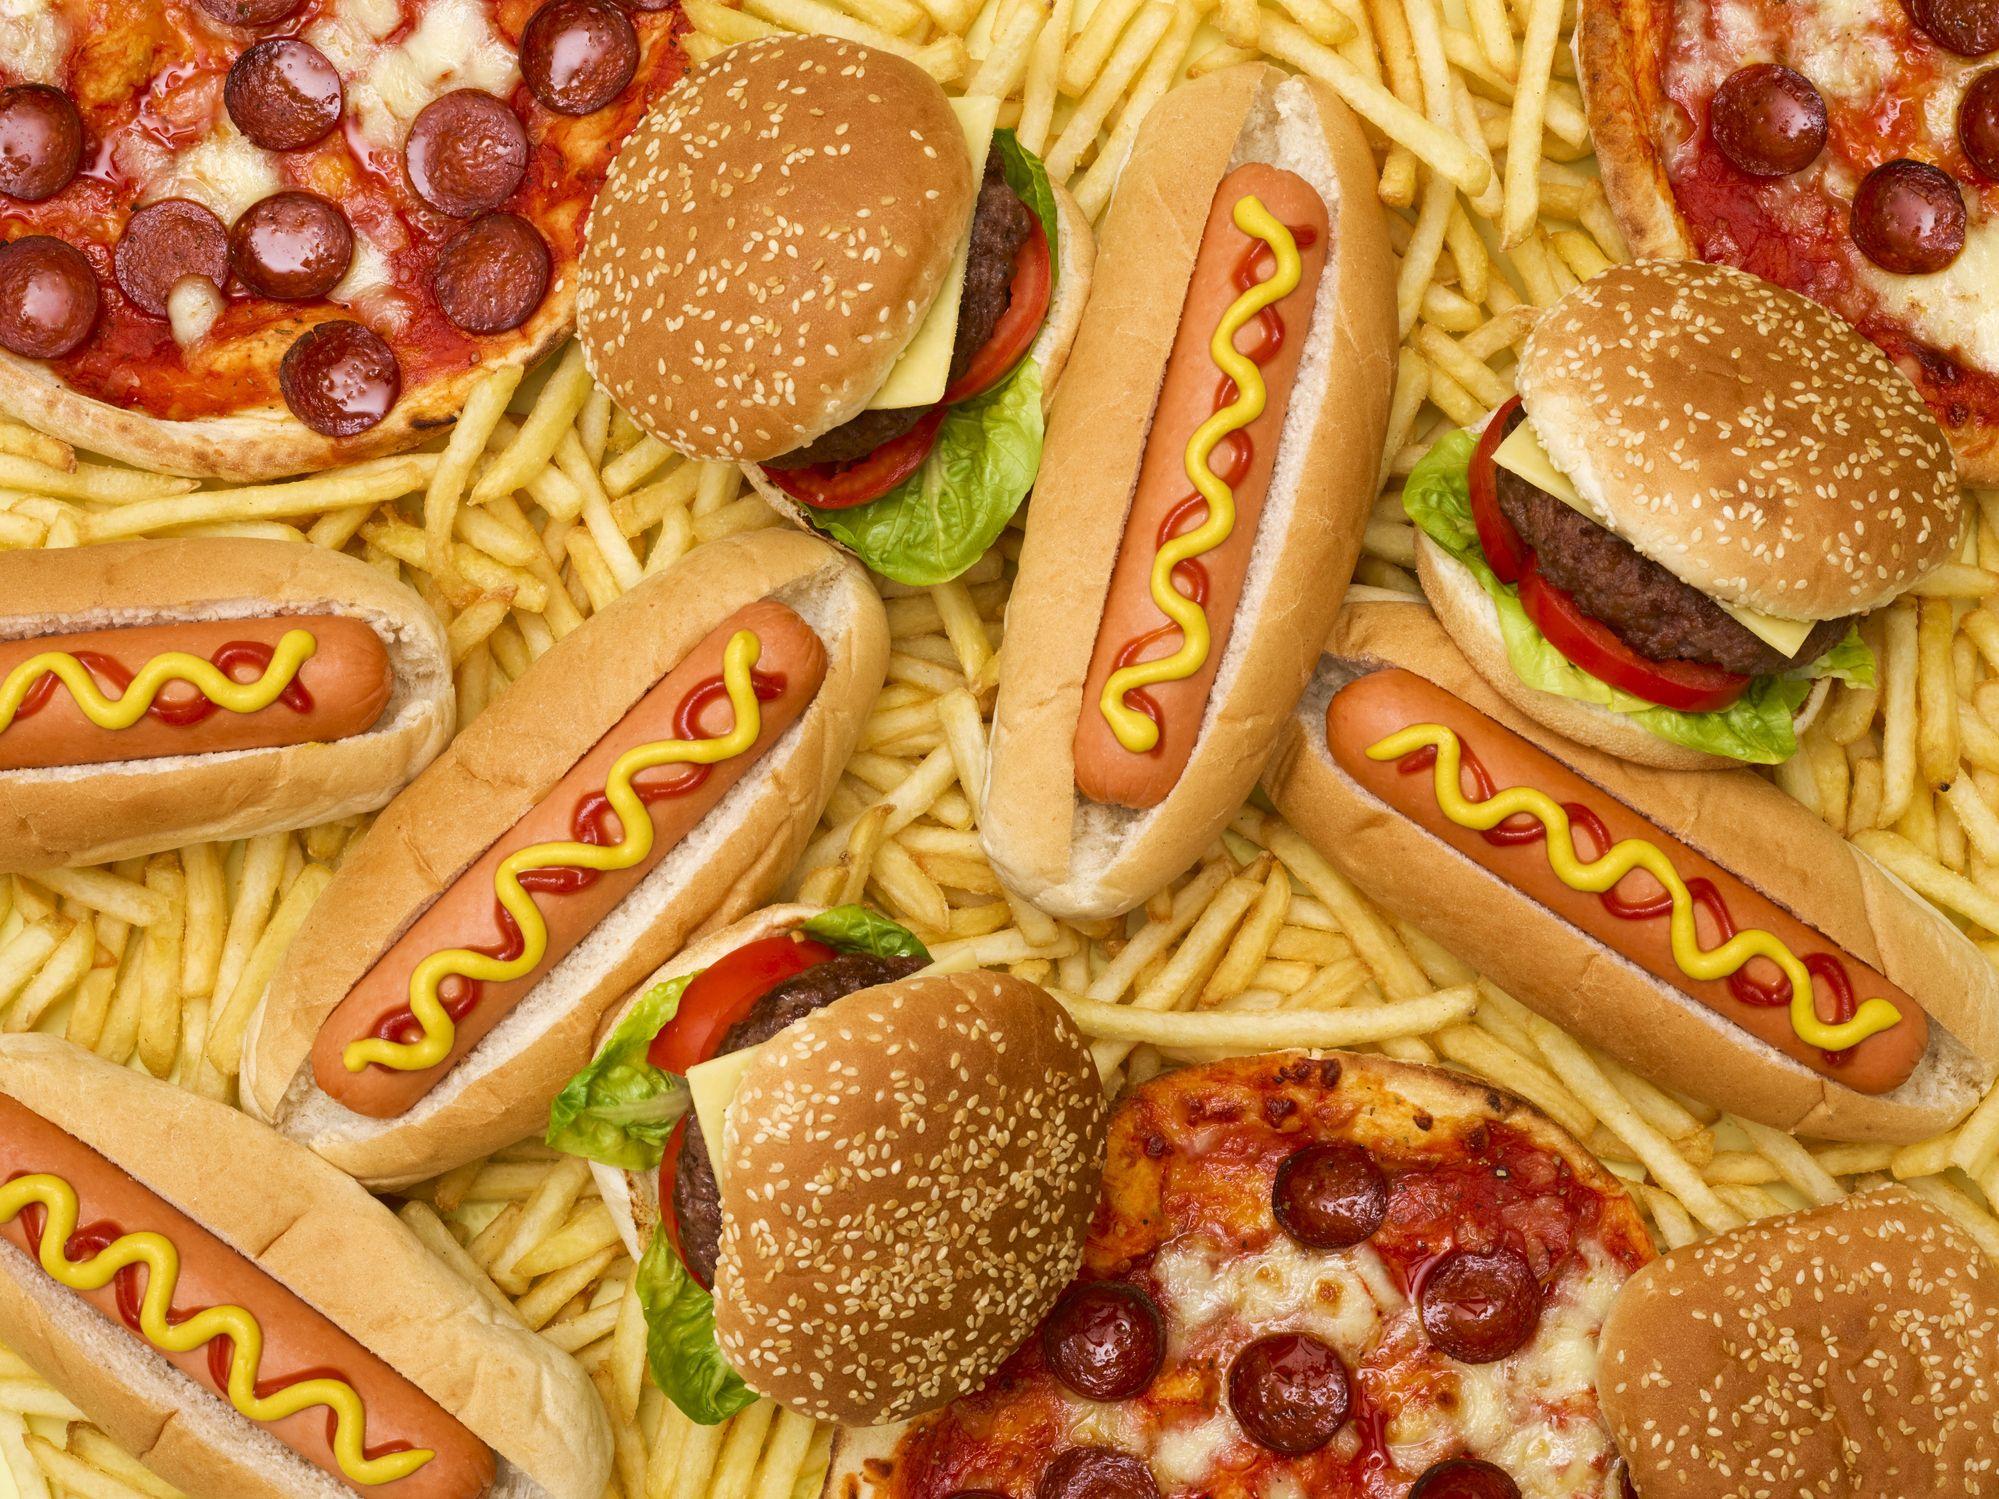 Los riesgos que tienen los alimentos procesados sobre nuestra salud